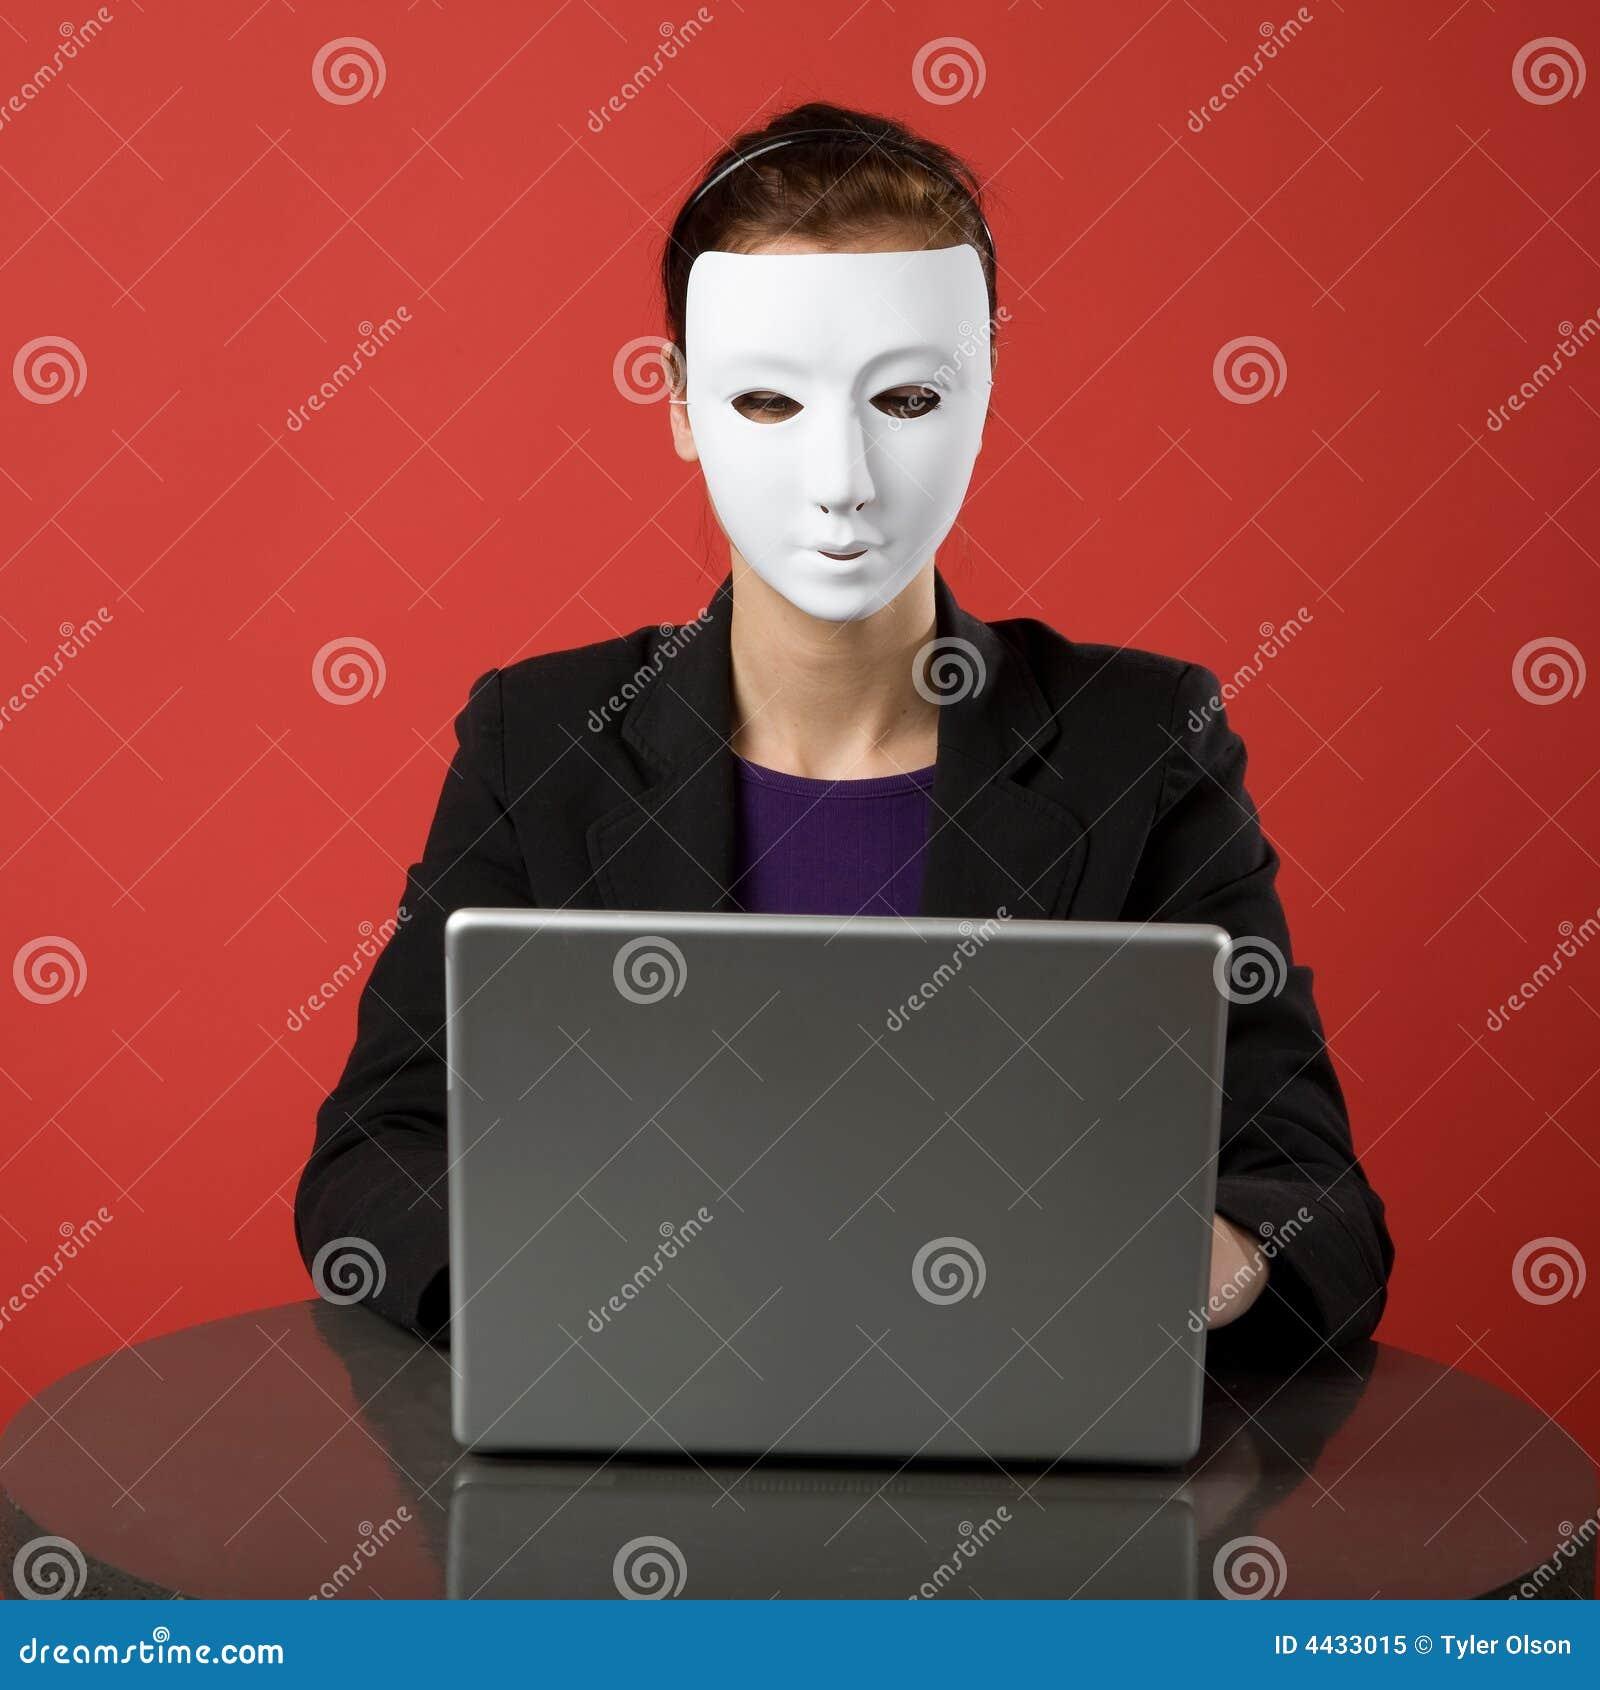 Чат анонимный с женщинами 21 фотография